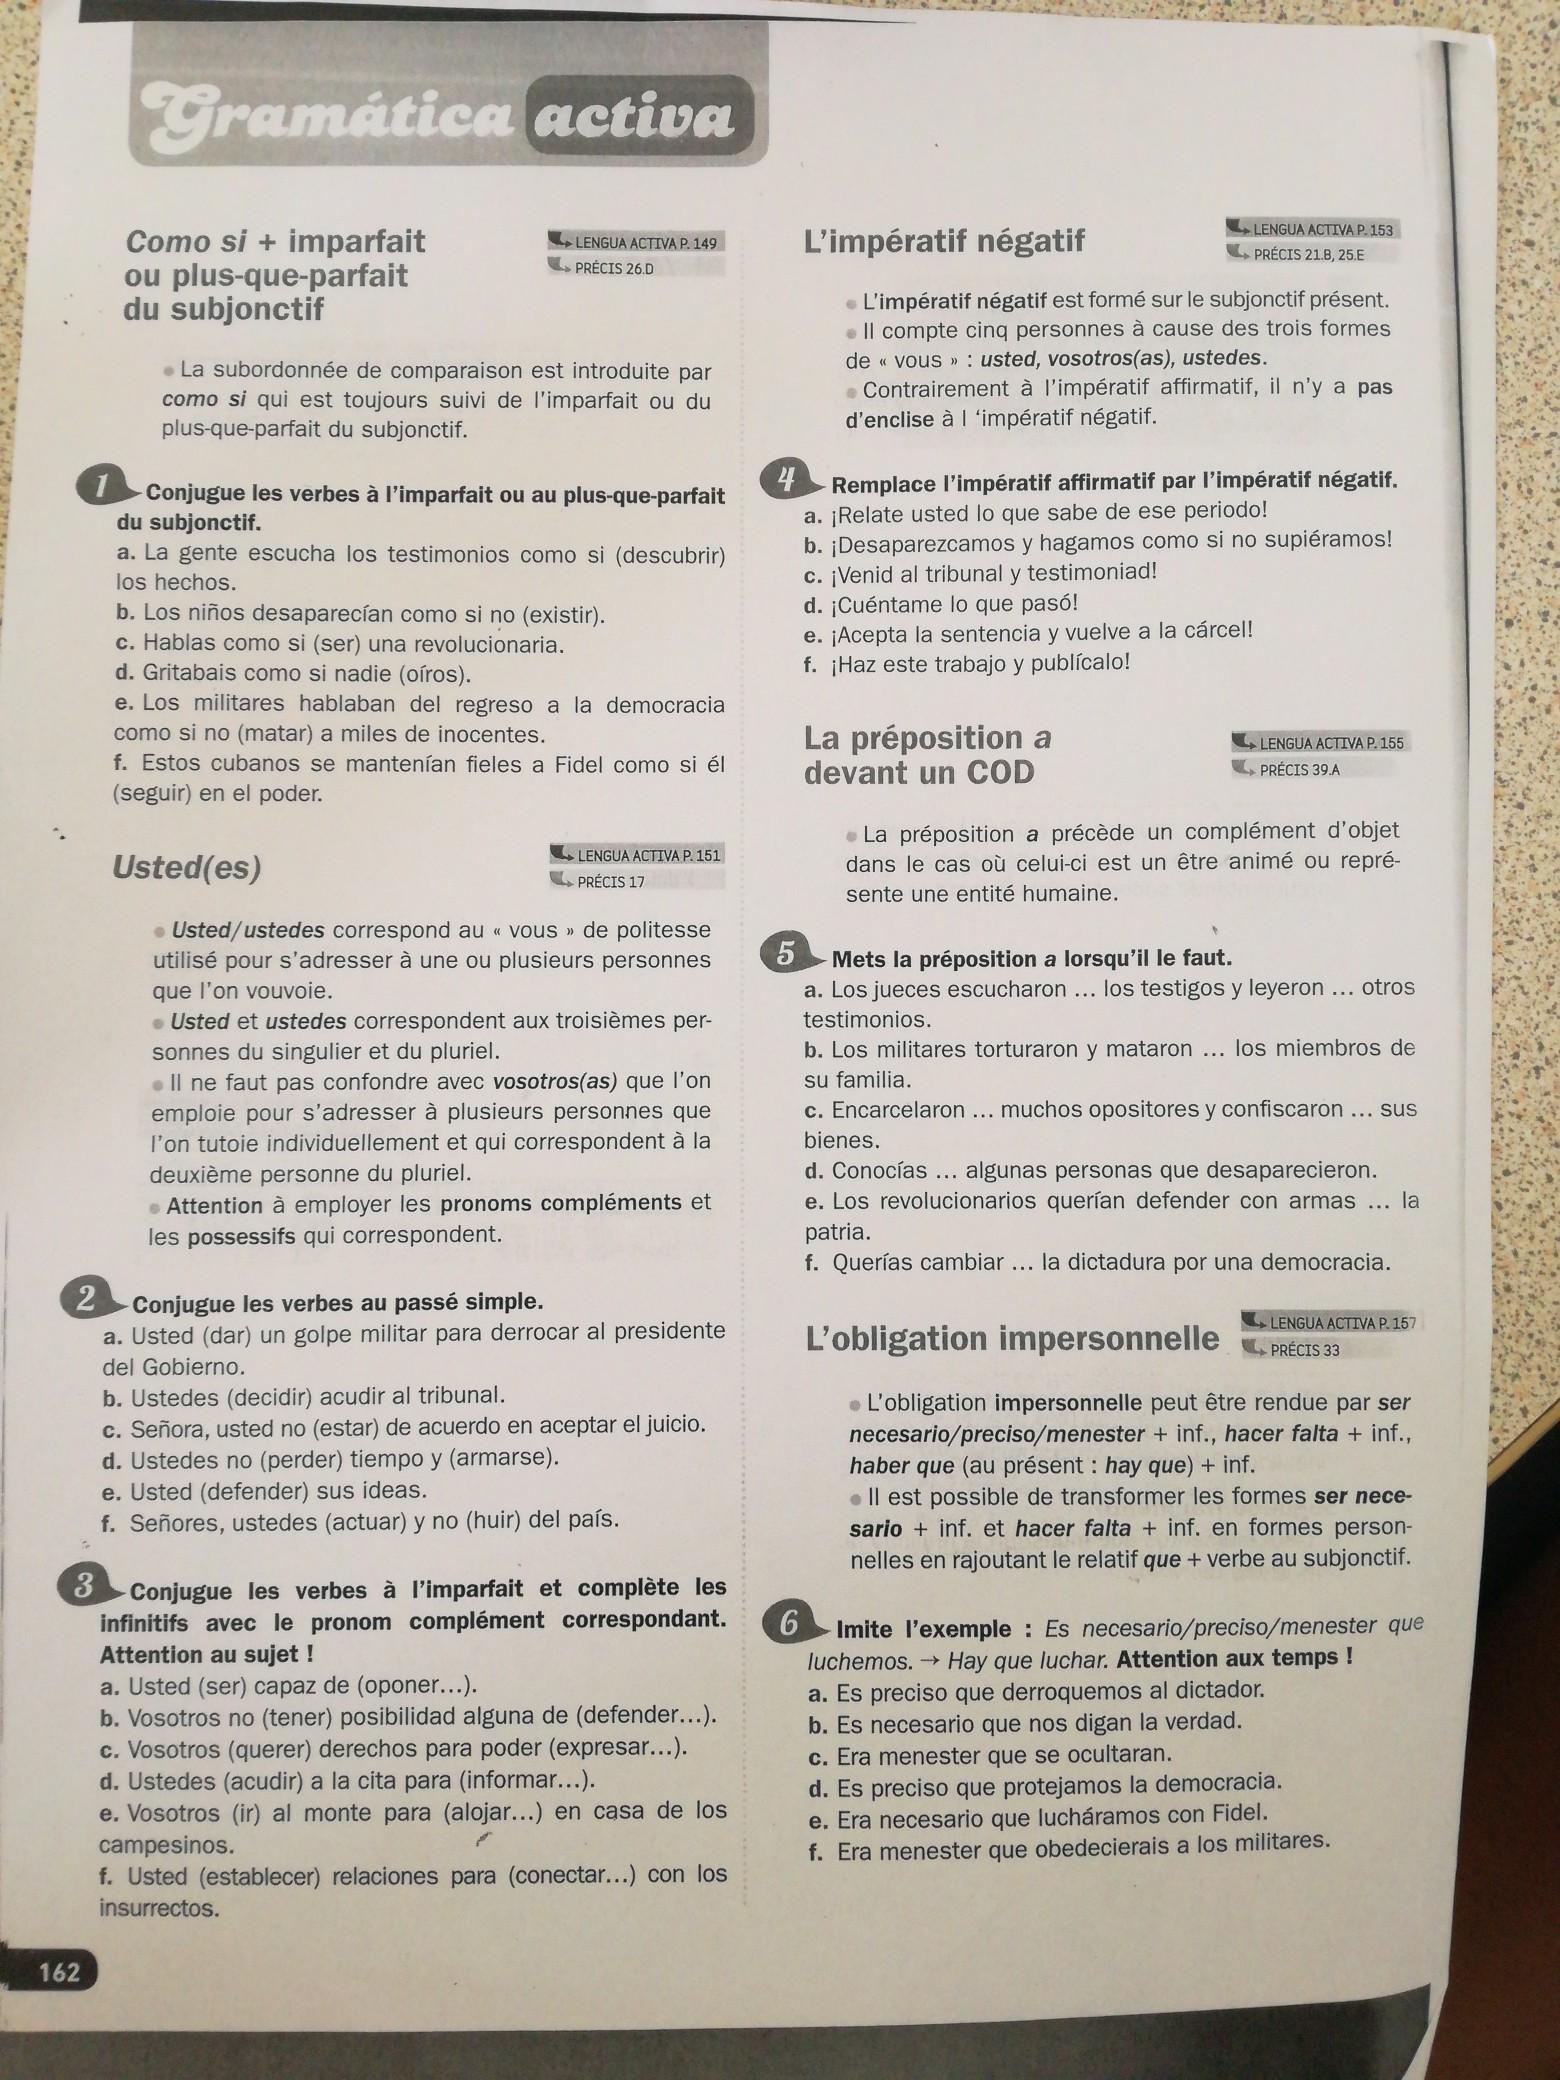 Bonjour J Aimerais De L Aide Pour Des Exercices De Conjugaison En Espagnol Merci D Avanceles Nosdevoirs Fr